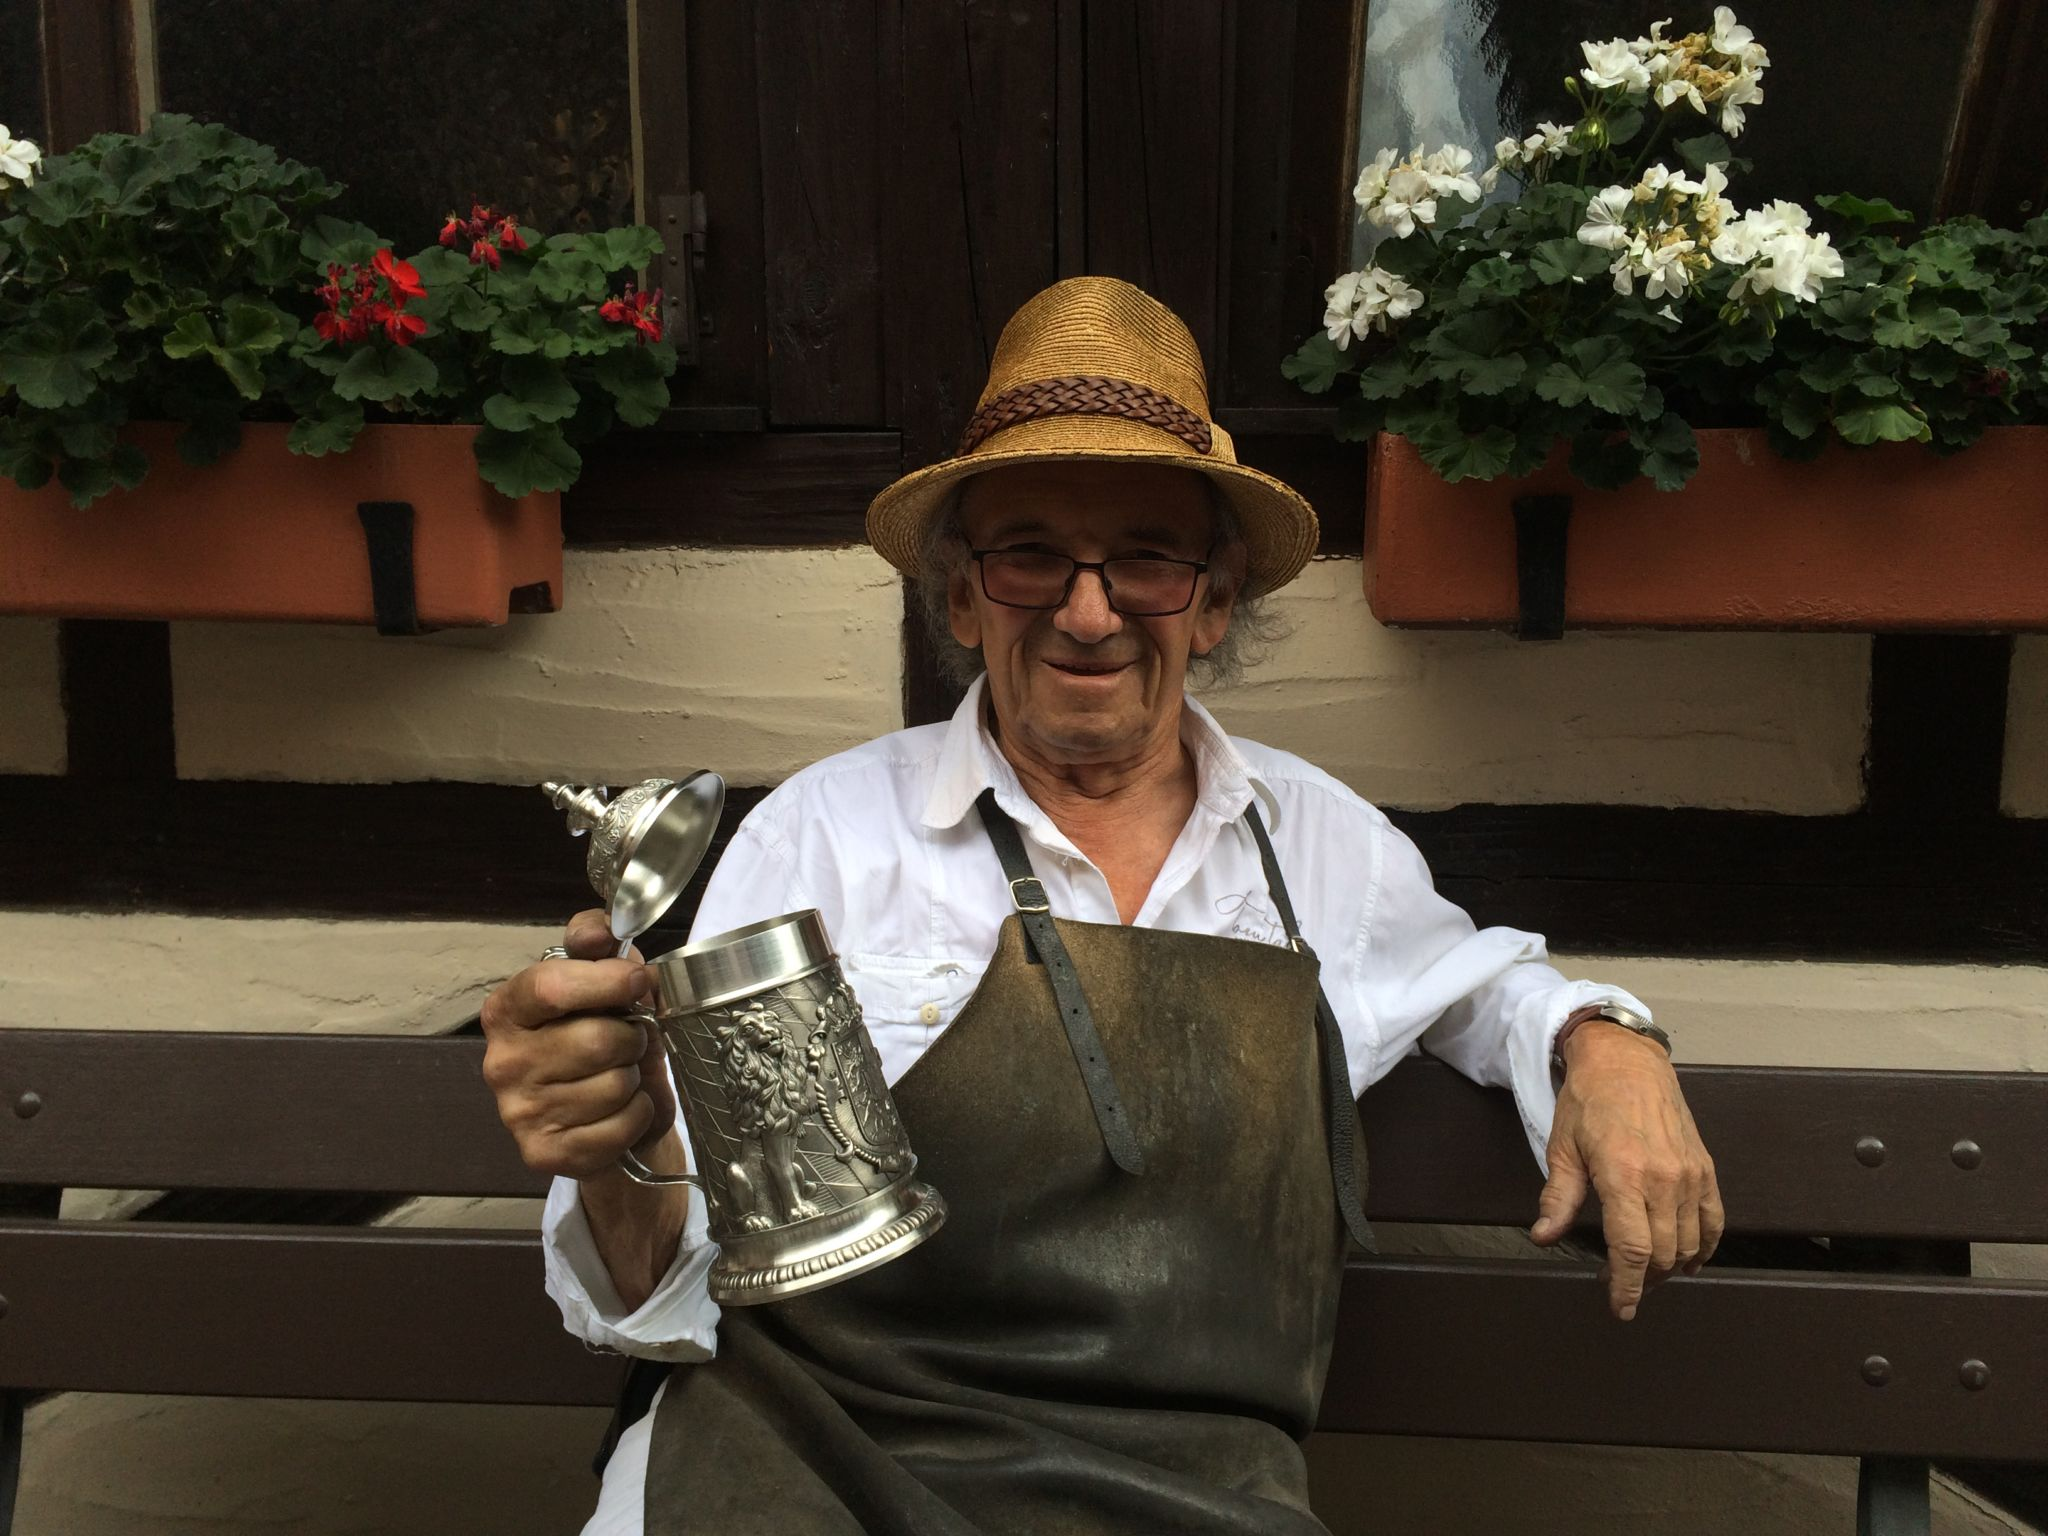 Alter Mann mit Zinnbierkrug auf Bank